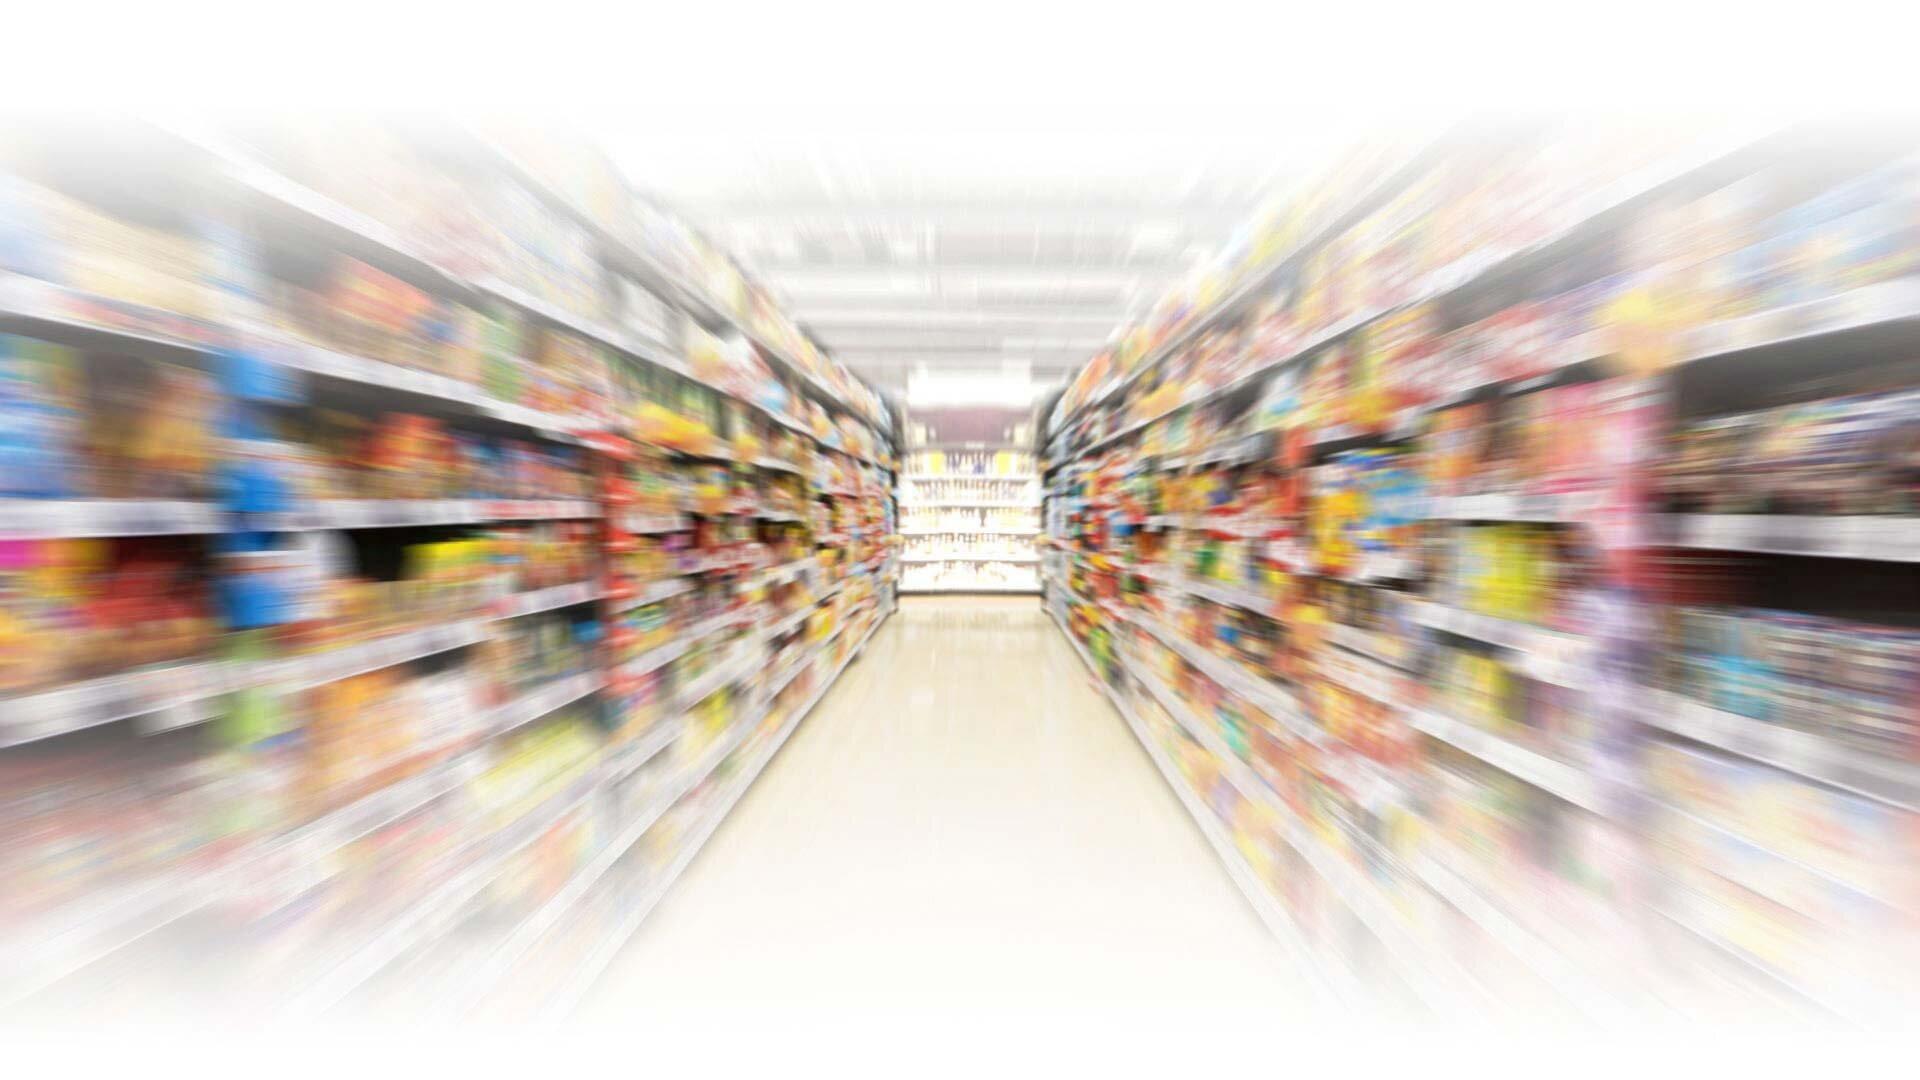 warewashing technology food retail